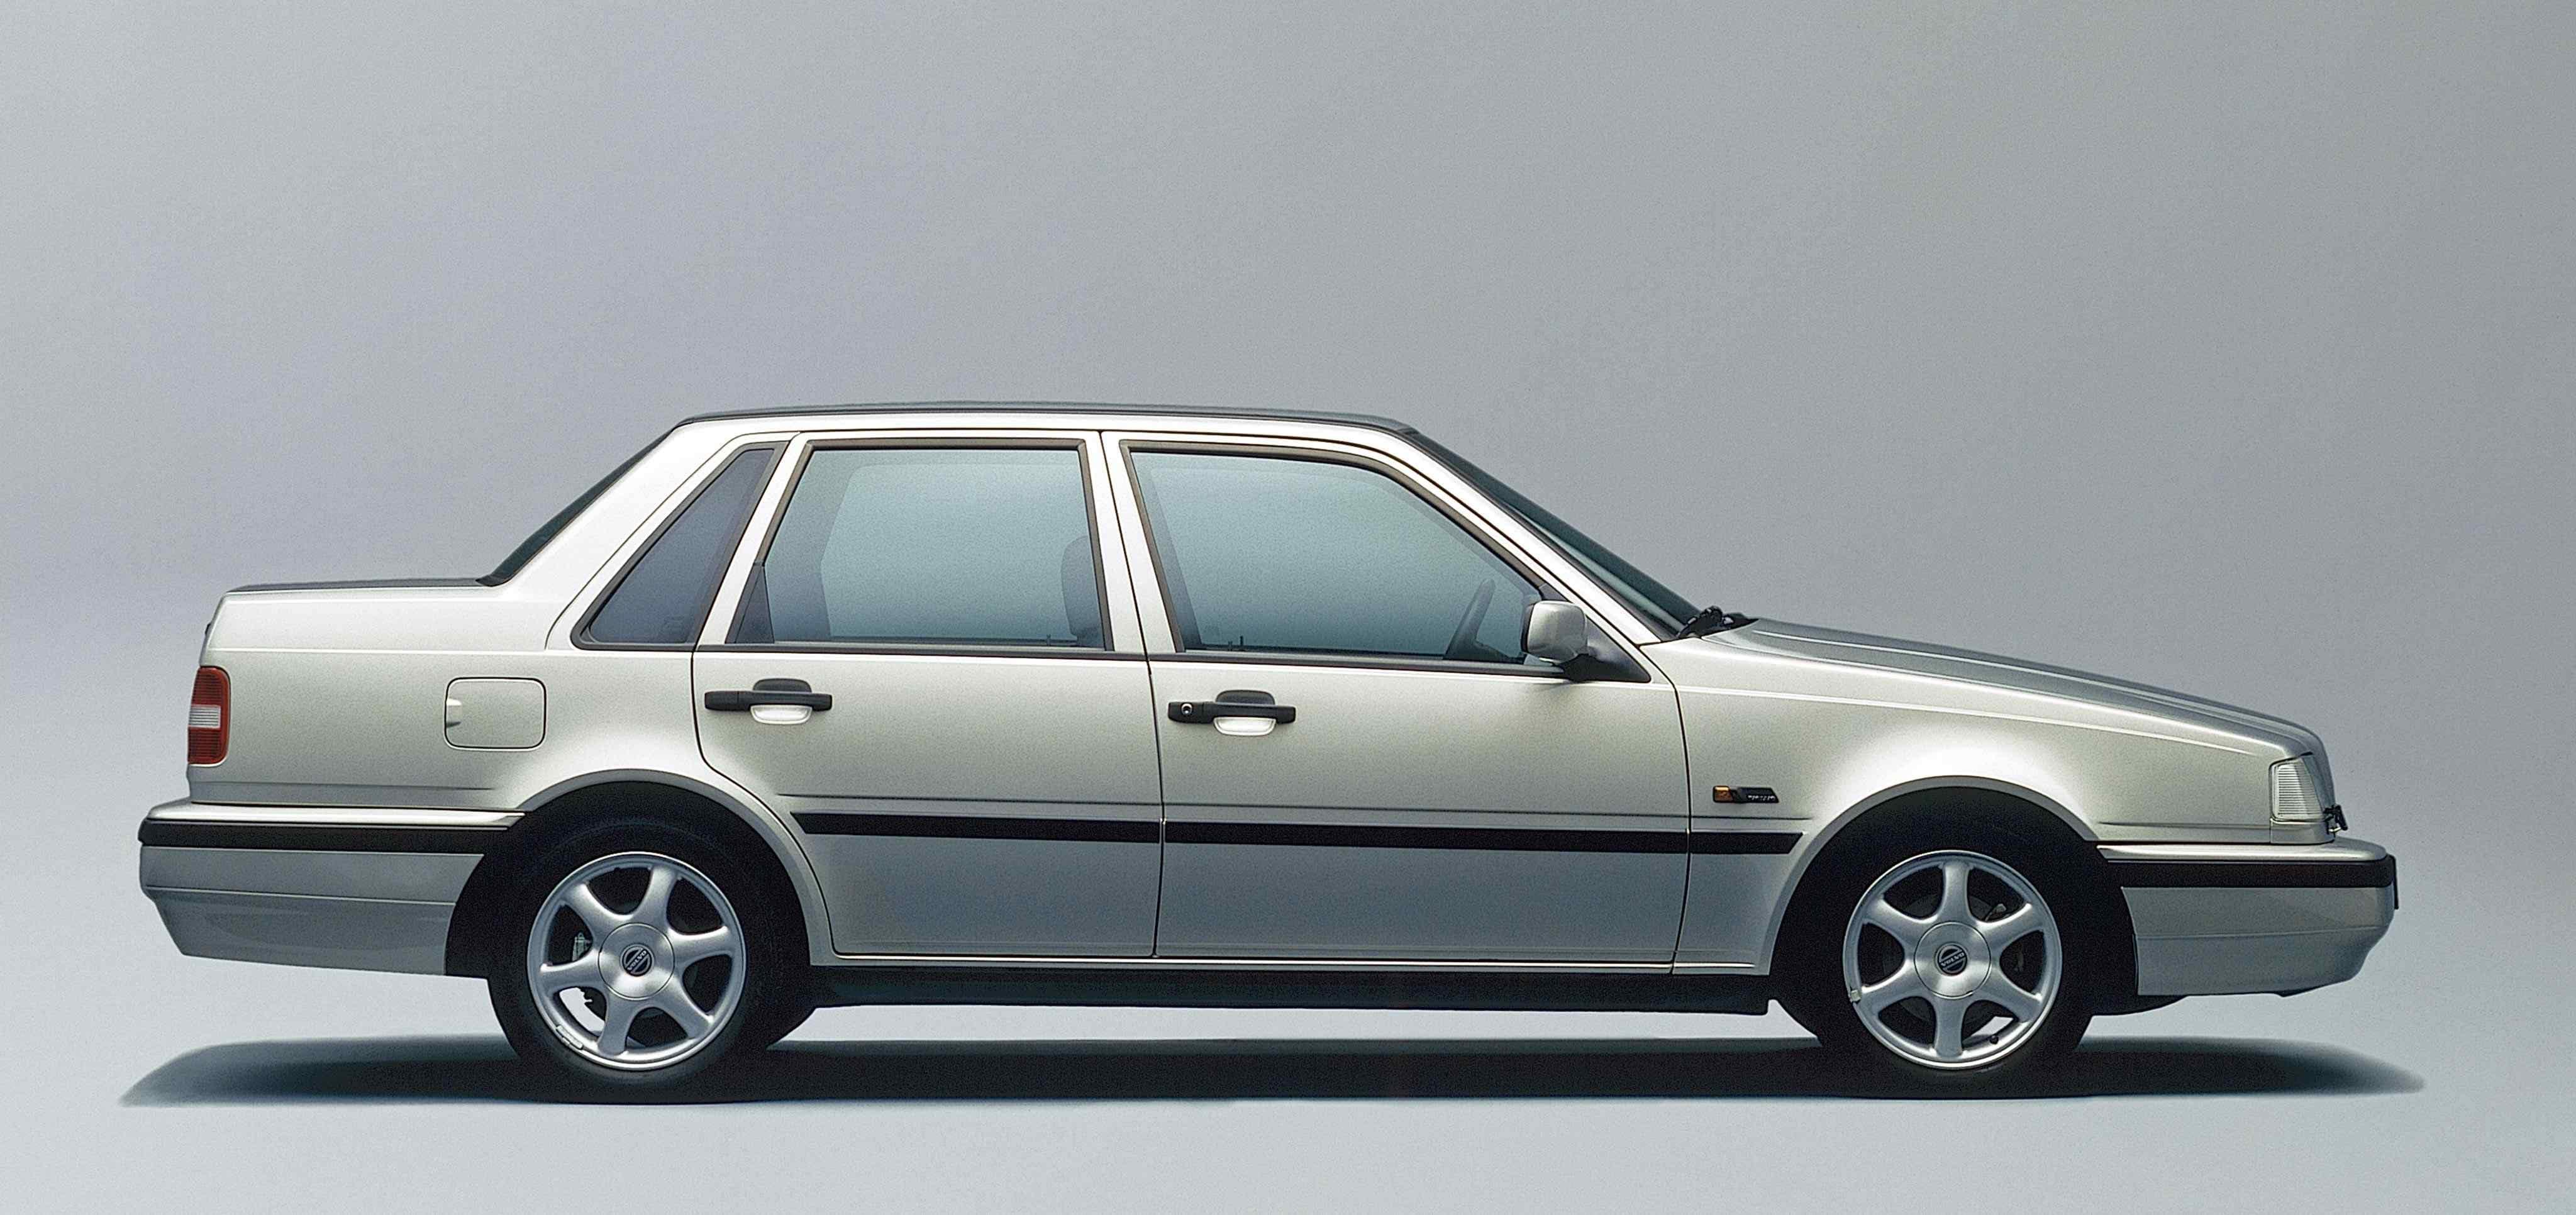 Un Volvo 460 de color verde silver en un estudio